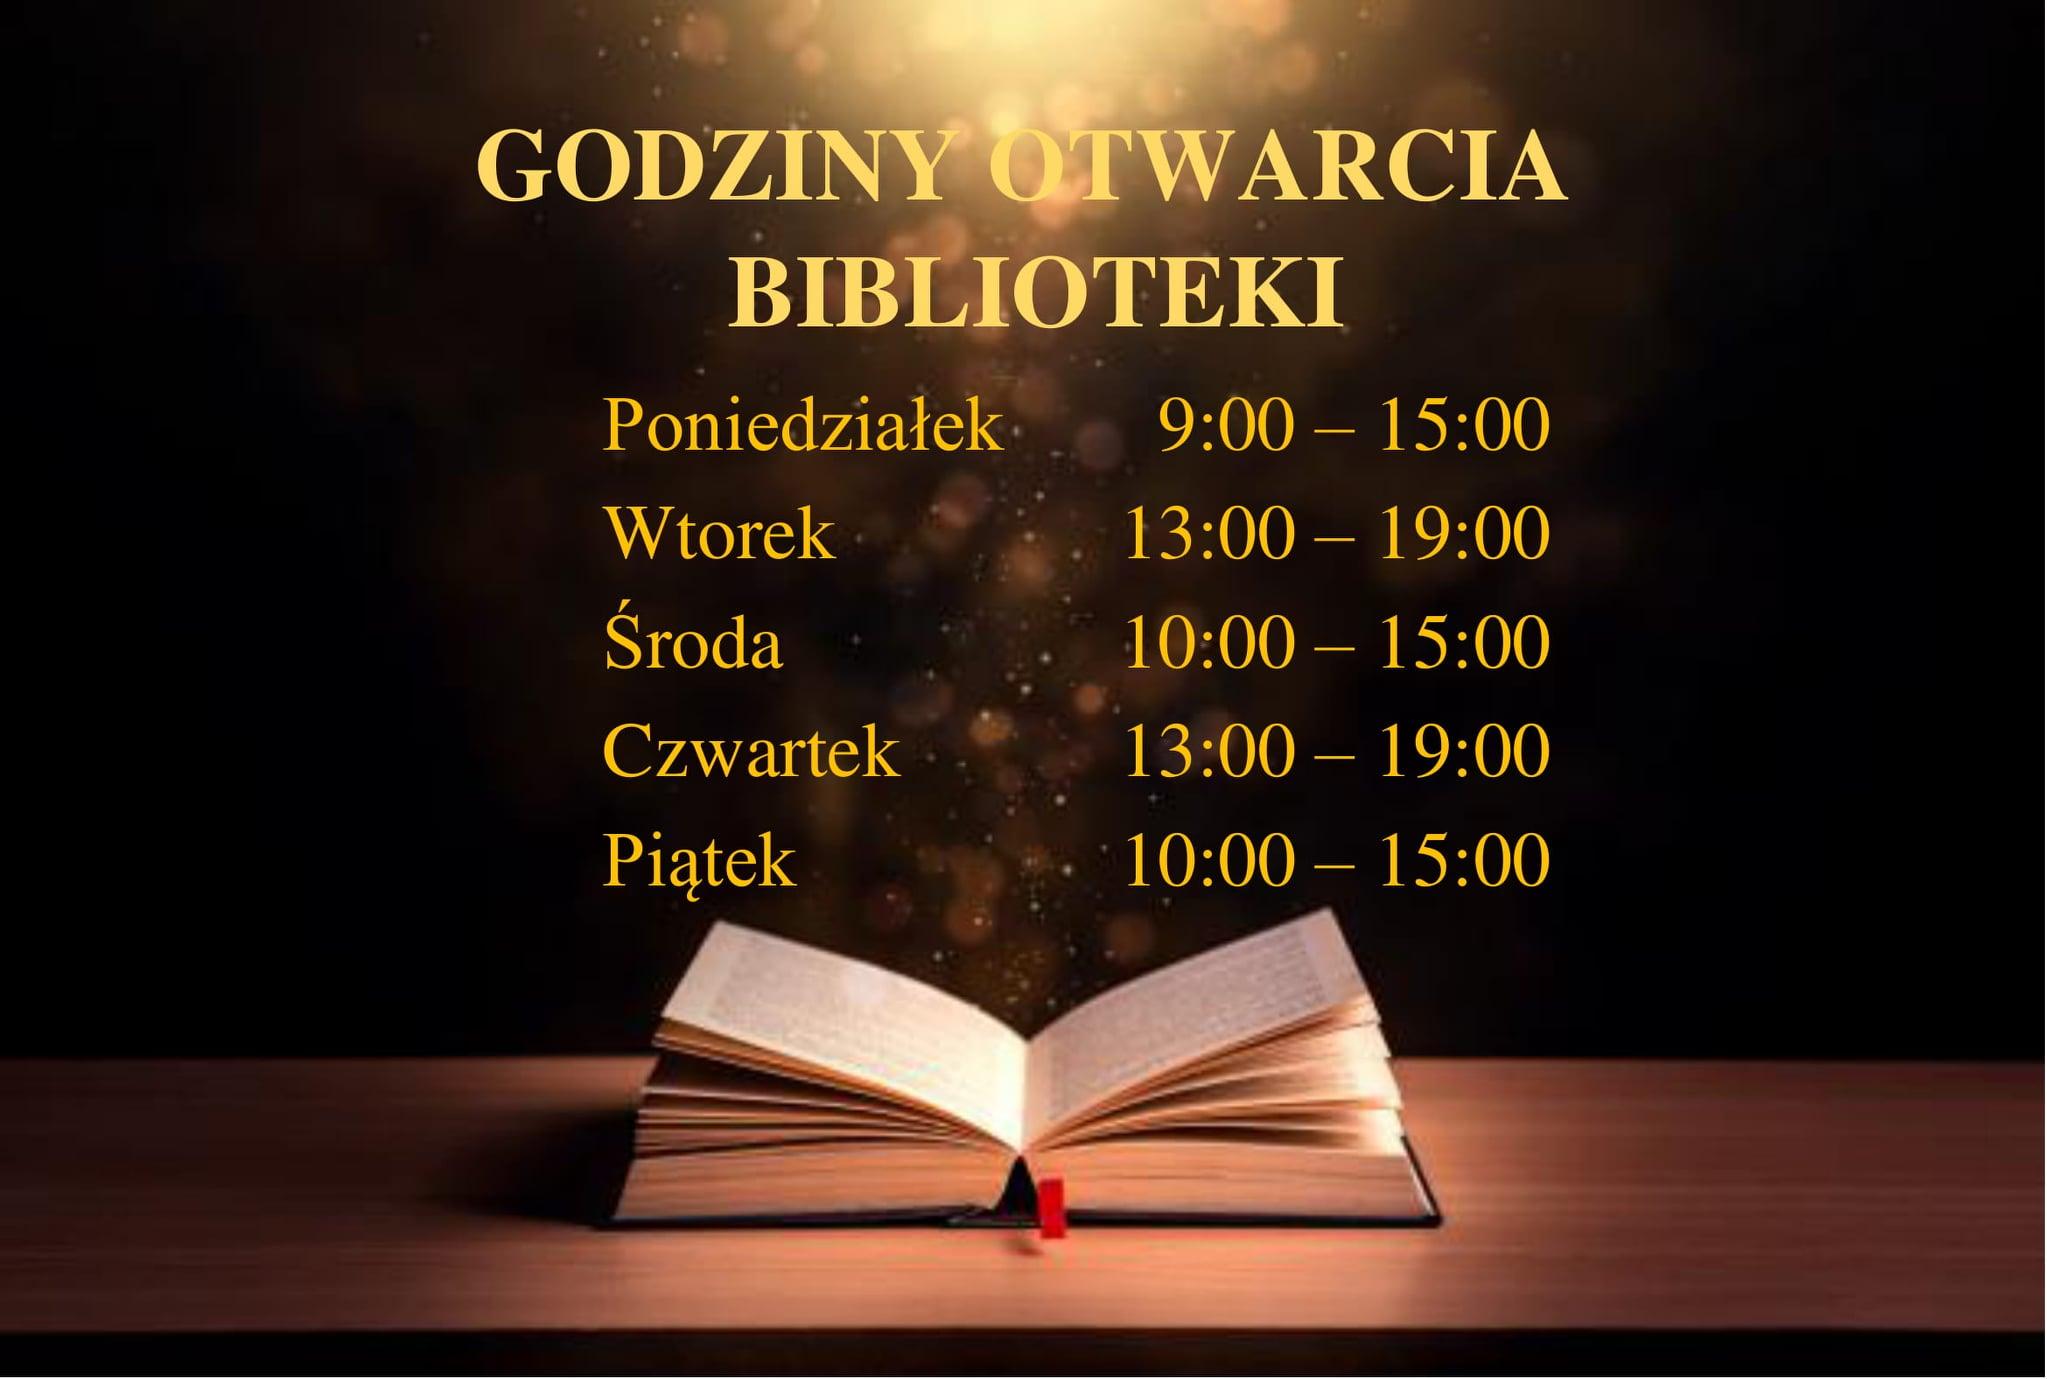 godziny otwarcia biblioteki, poniedziałek 9:00- 15:00, wtorek 13:00 - 19:00, środa 10:00 - 15:00, czwartek 13:00 - 19:00, piątek 10:00 - 15:00